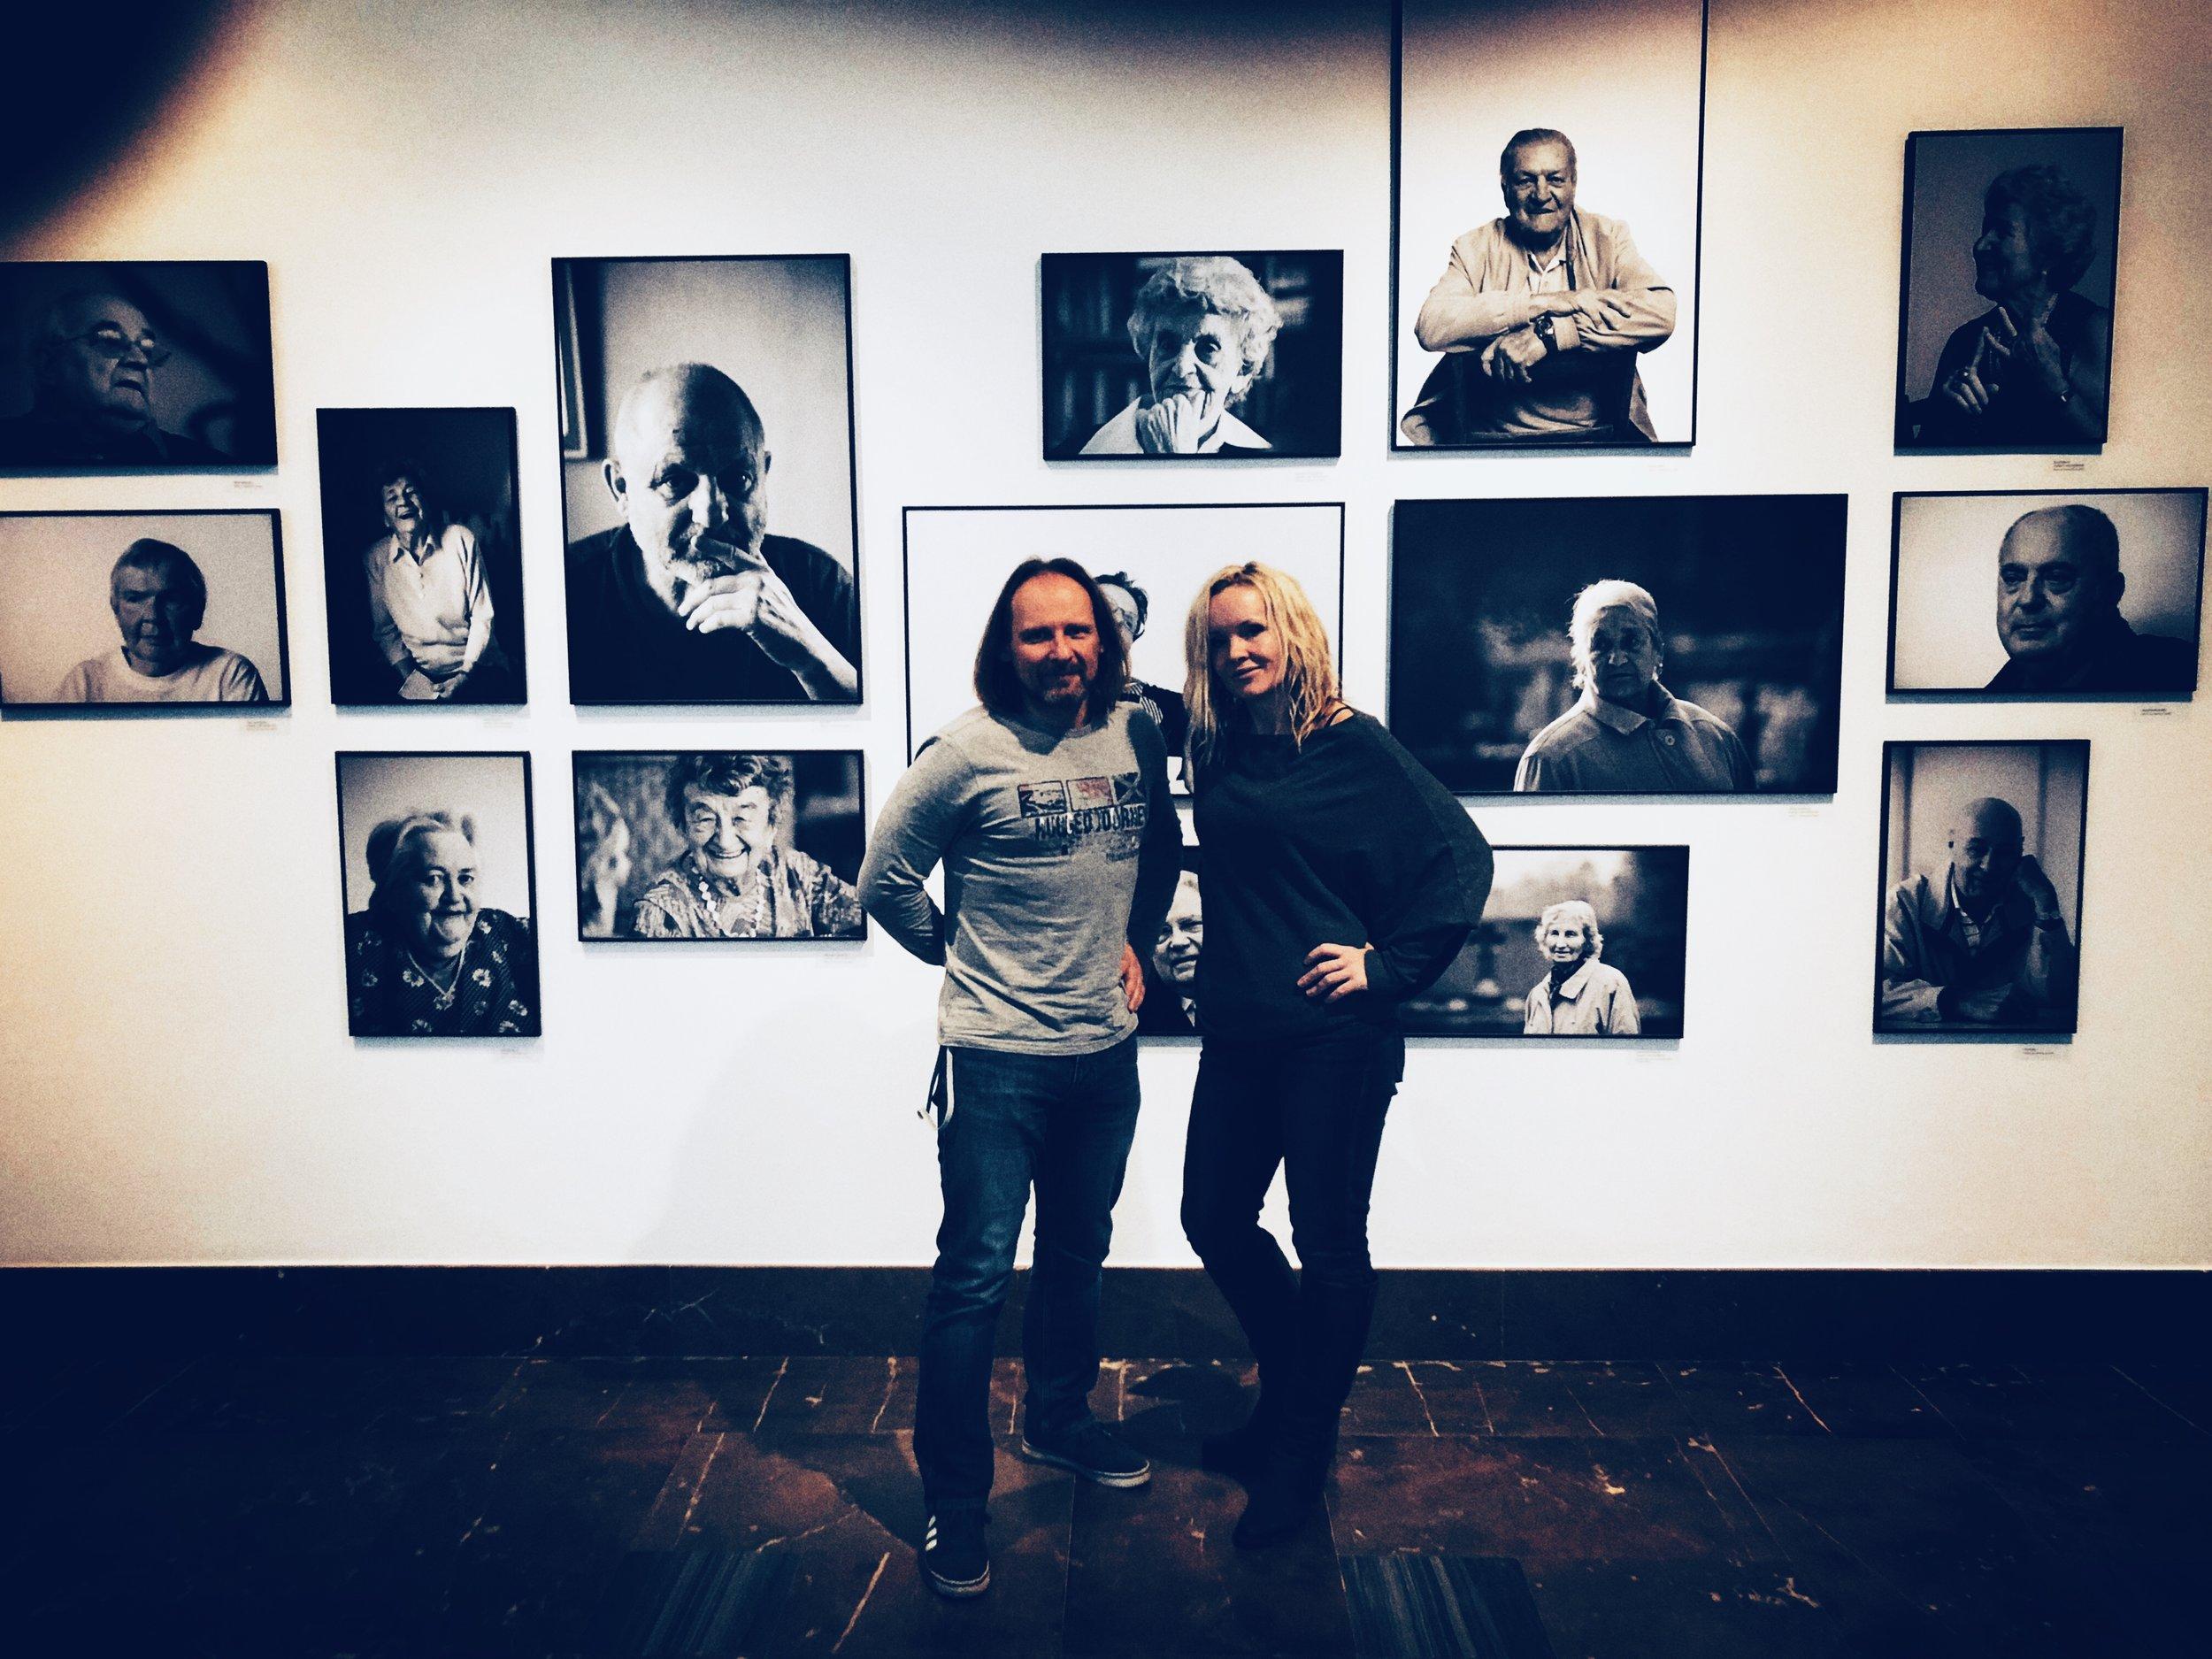 martin homola, his photos of survivors